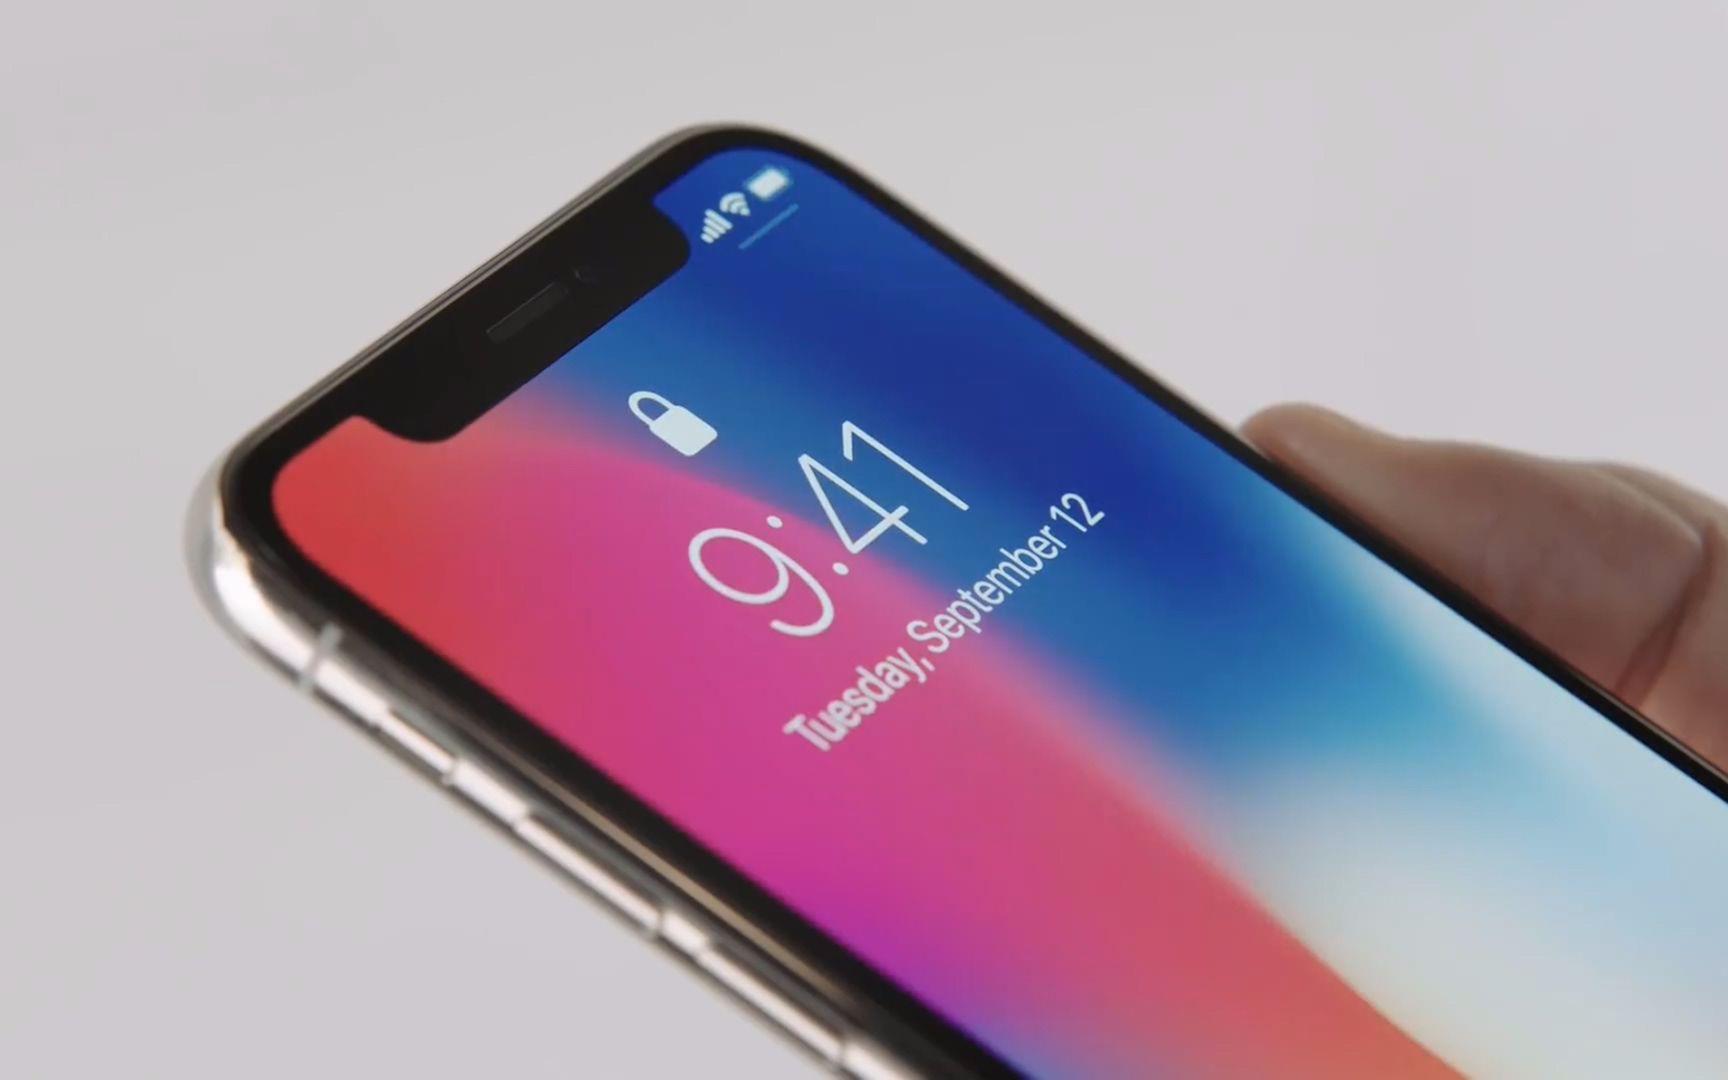 蘋果官方iPhone X使用指南   中文字幕_數碼_科技_bilibili_嗶哩嗶哩